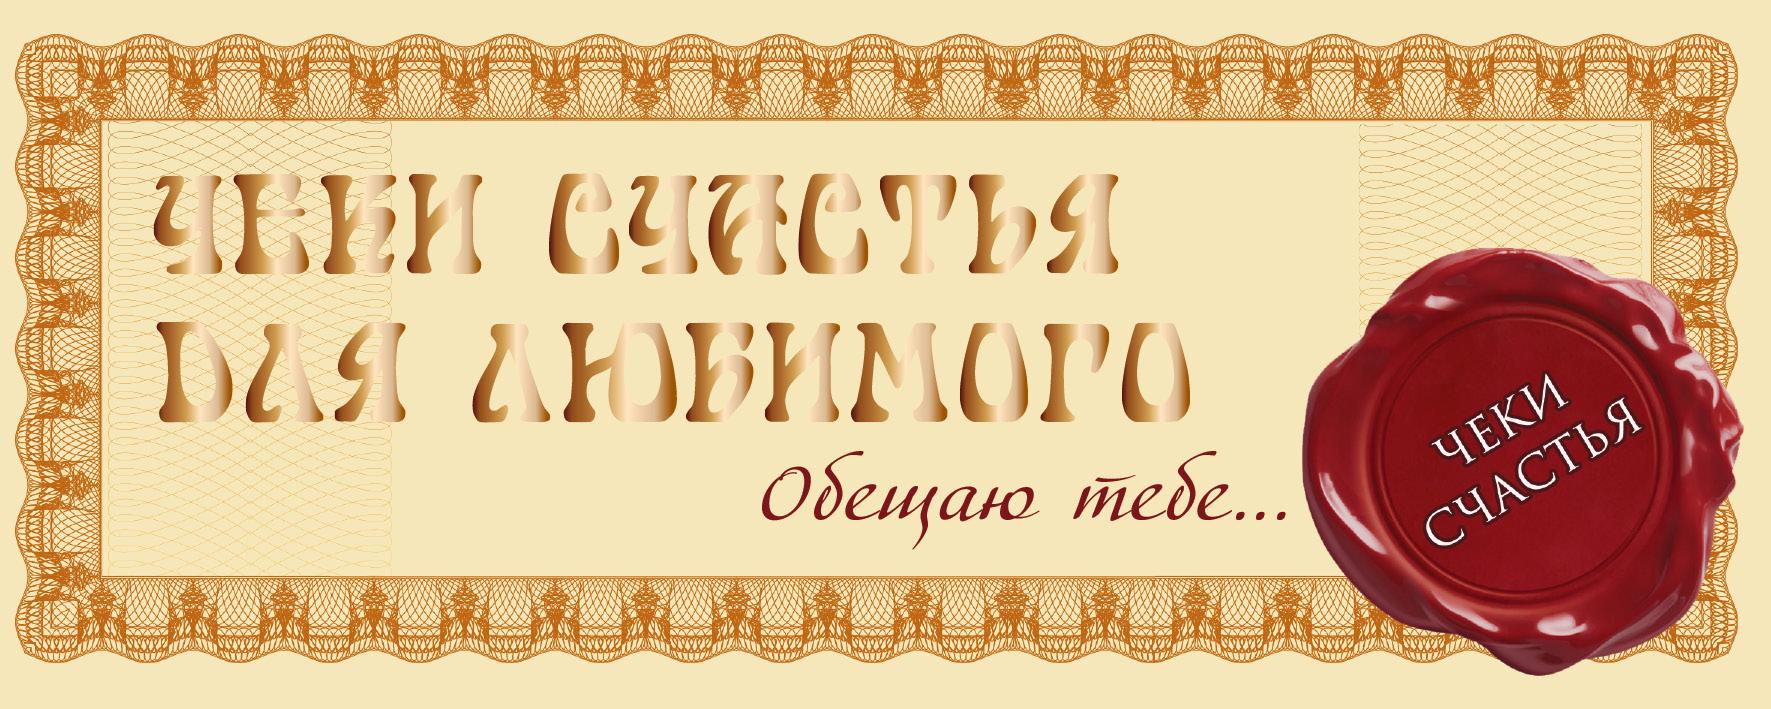 Е. А. Пилипенко Чеки счастья для любимого. Обещаю тебе... love is любимая я обещаю тебе чеки для исполнения желаний